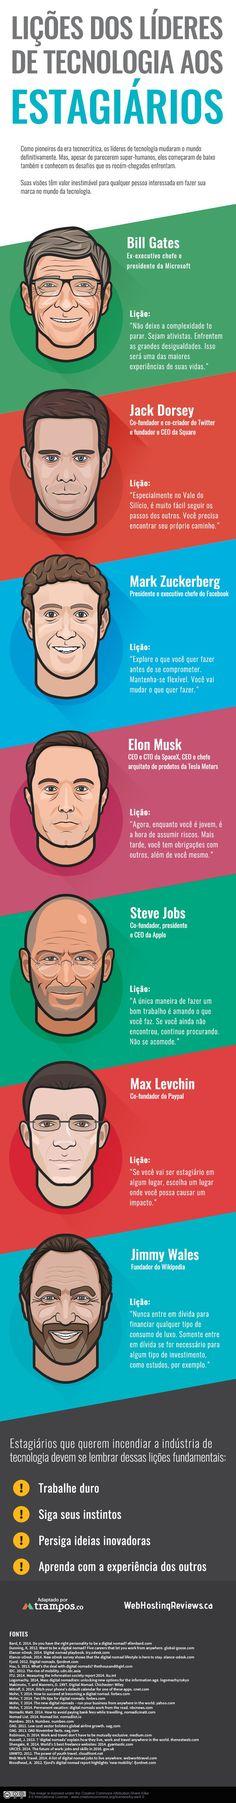 Infográfico: lições dos líderes de tecnologia aos estagiários.